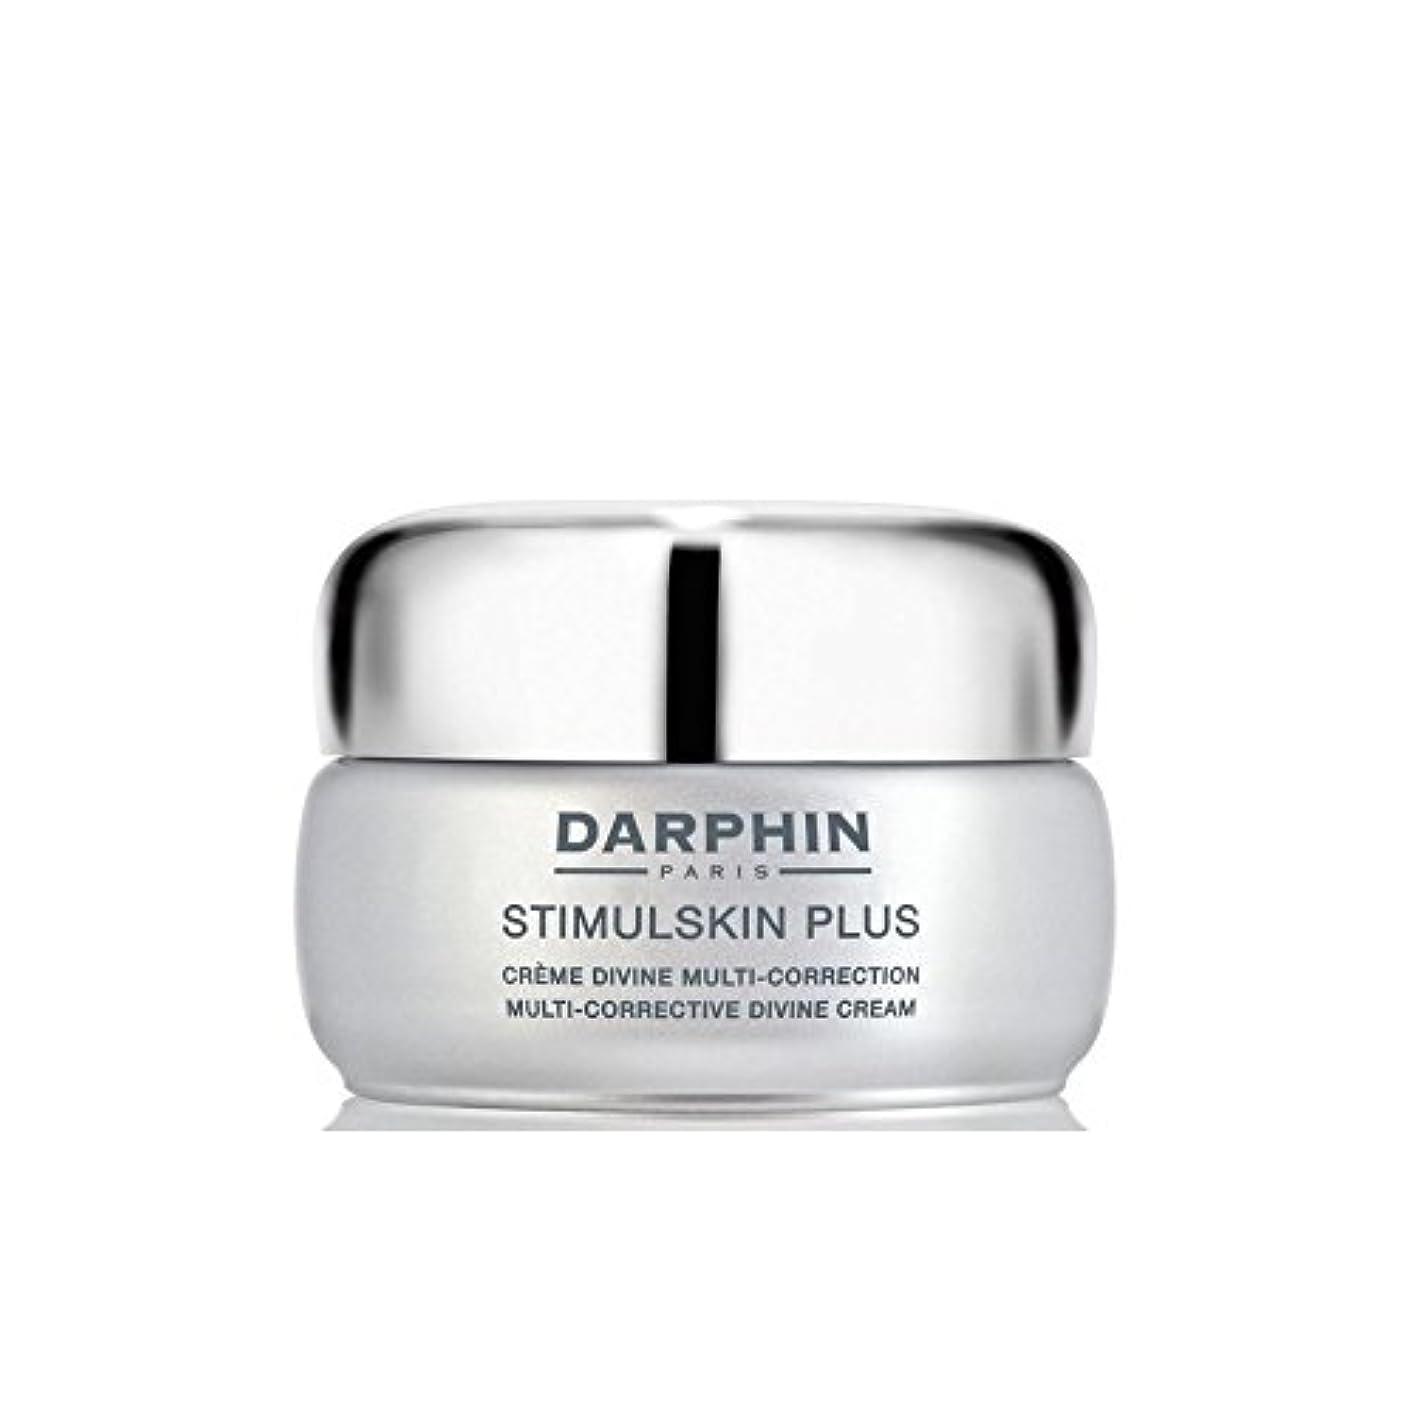 光沢ブラスト触手ダルファンスティプラスマルチ是正神クリーム - 豊富 x4 - Darphin Stimulskin Plus Multi-Corrective Divine Cream - Rich (Pack of 4) [並行輸入品]